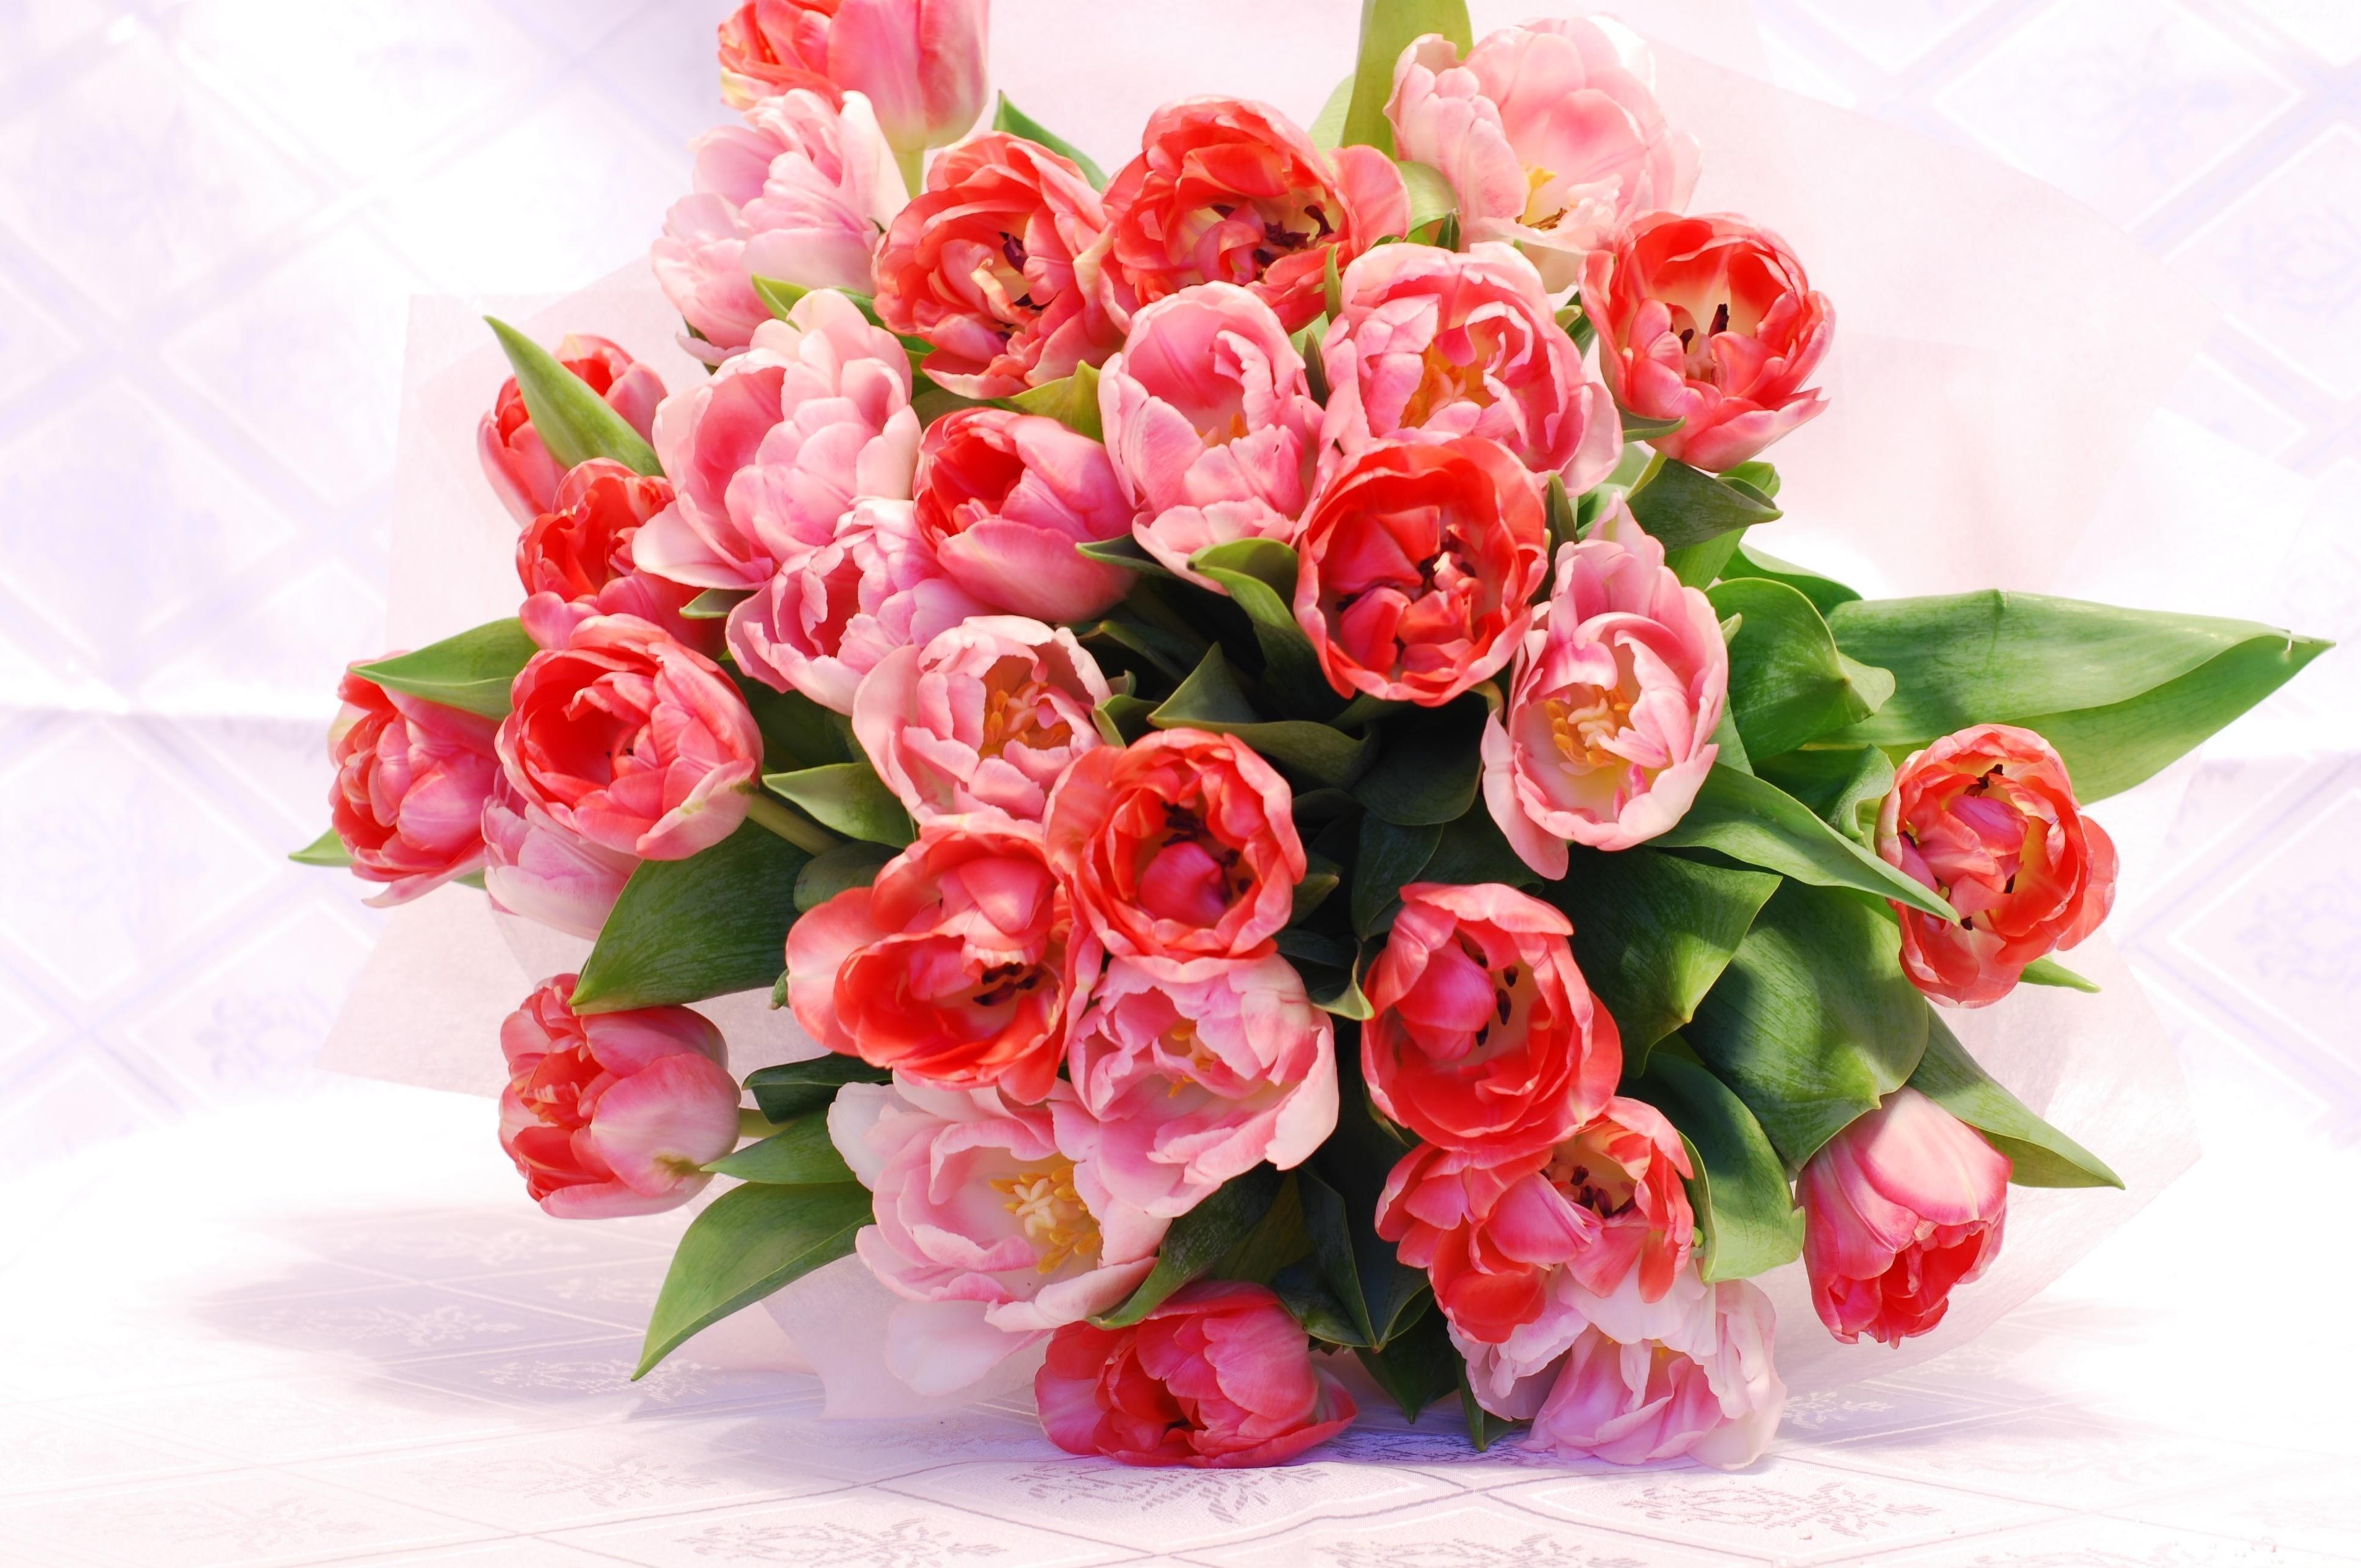 61869 descargar fondo de pantalla Flores, Ramo, Disuelto, Suelto, Generosamente, Es Hermoso, Sensibilidad, Ternura, Tulipanes: protectores de pantalla e imágenes gratis